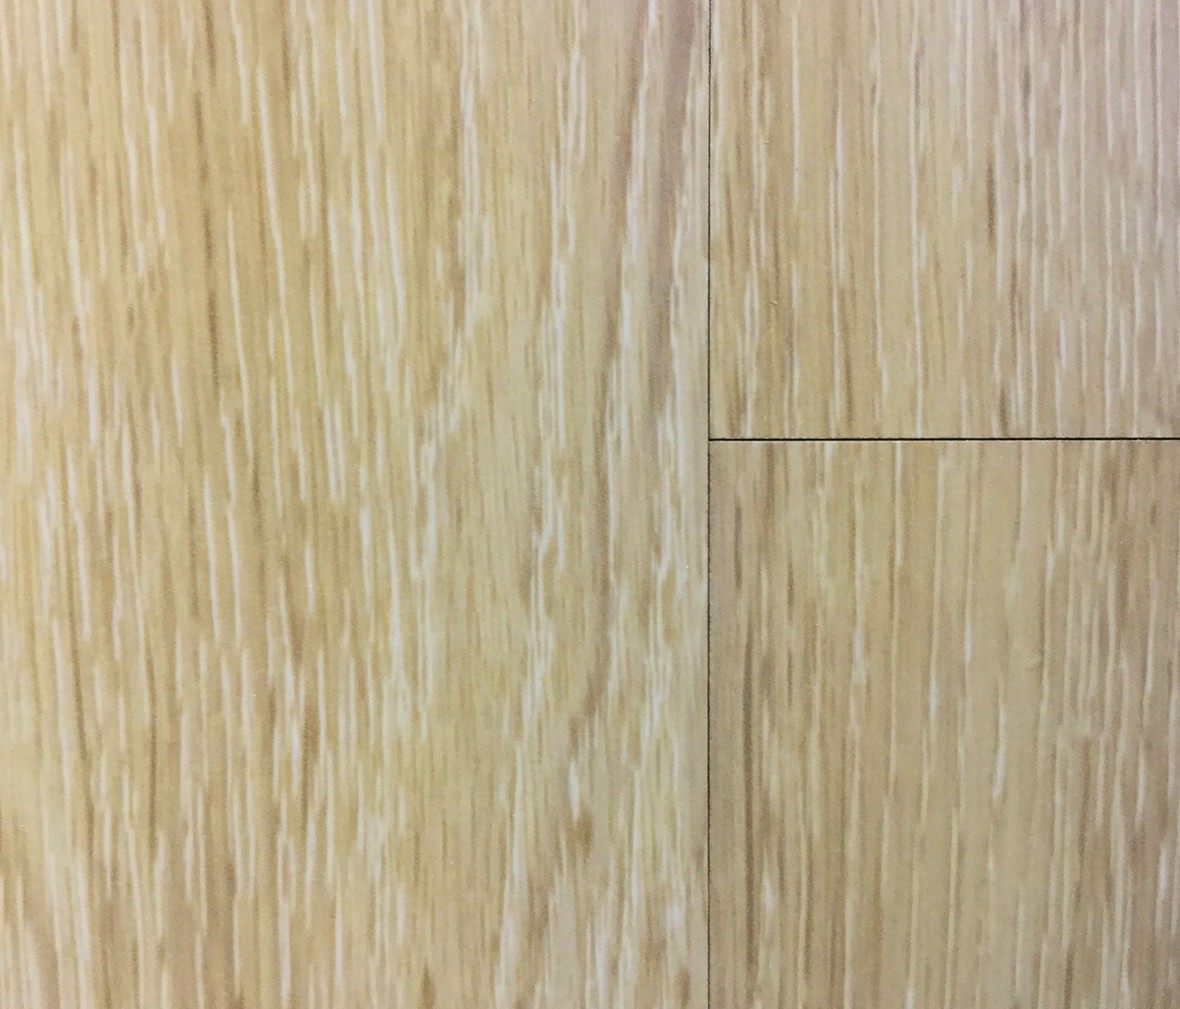 德尔地板 JC802型号强化复合地板 优质选材环保耐磨 图片、价格、品牌、评测样样齐全!【蓝景商城正品行货,蓝景丽家大钟寺家居广场提货,北京地区配送,领券更优惠,线上线下同品同价,立即购买享受更多优惠哦!】